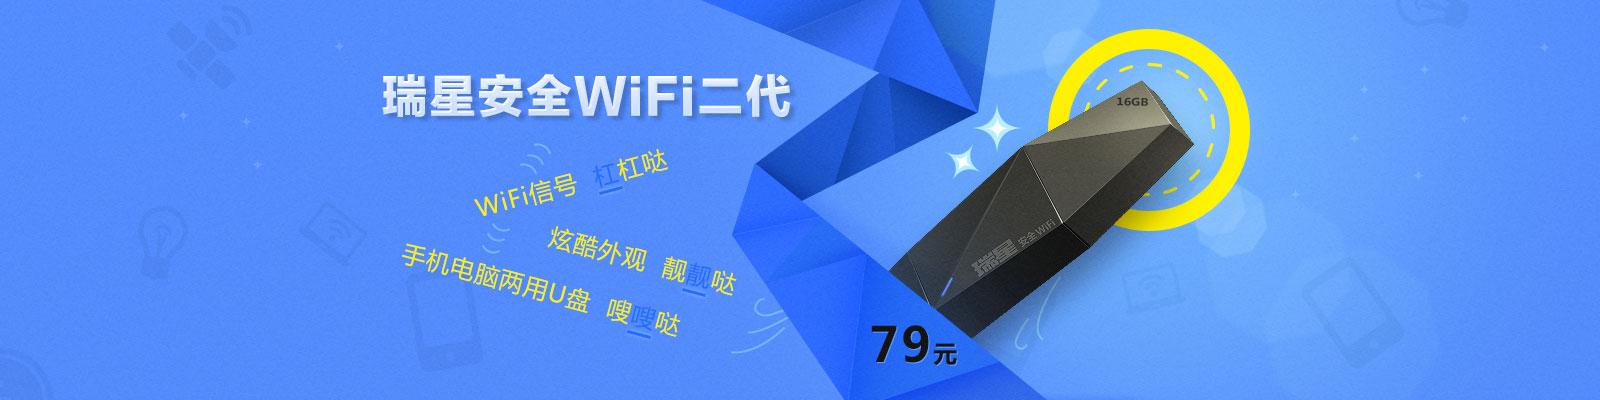 瑞星安全WiFi